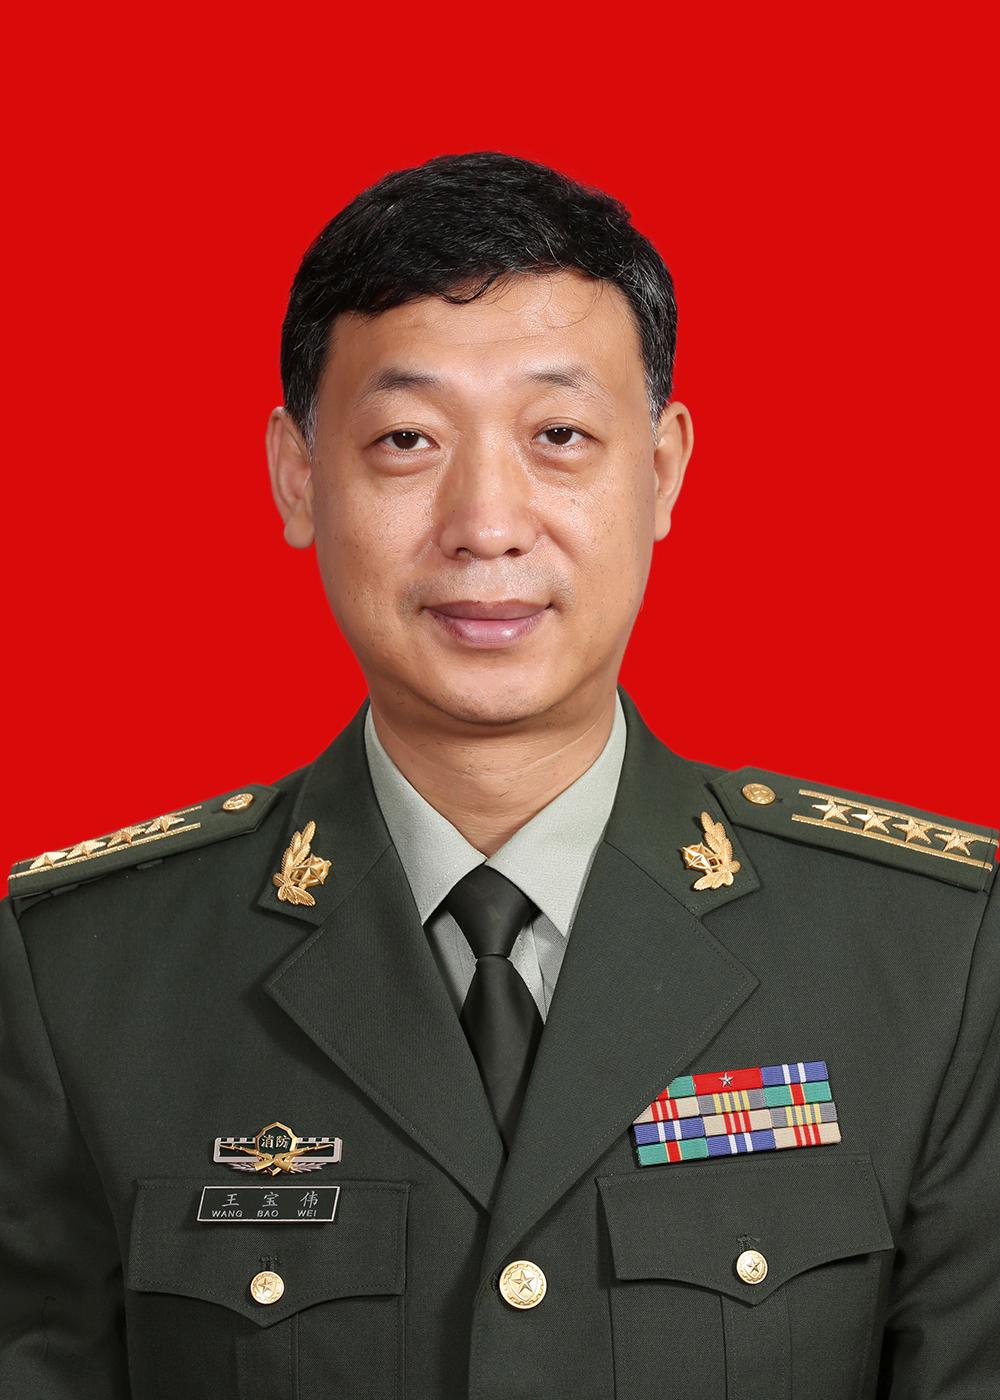 公安部消防局社会消防工作指导处处长王宝伟简历